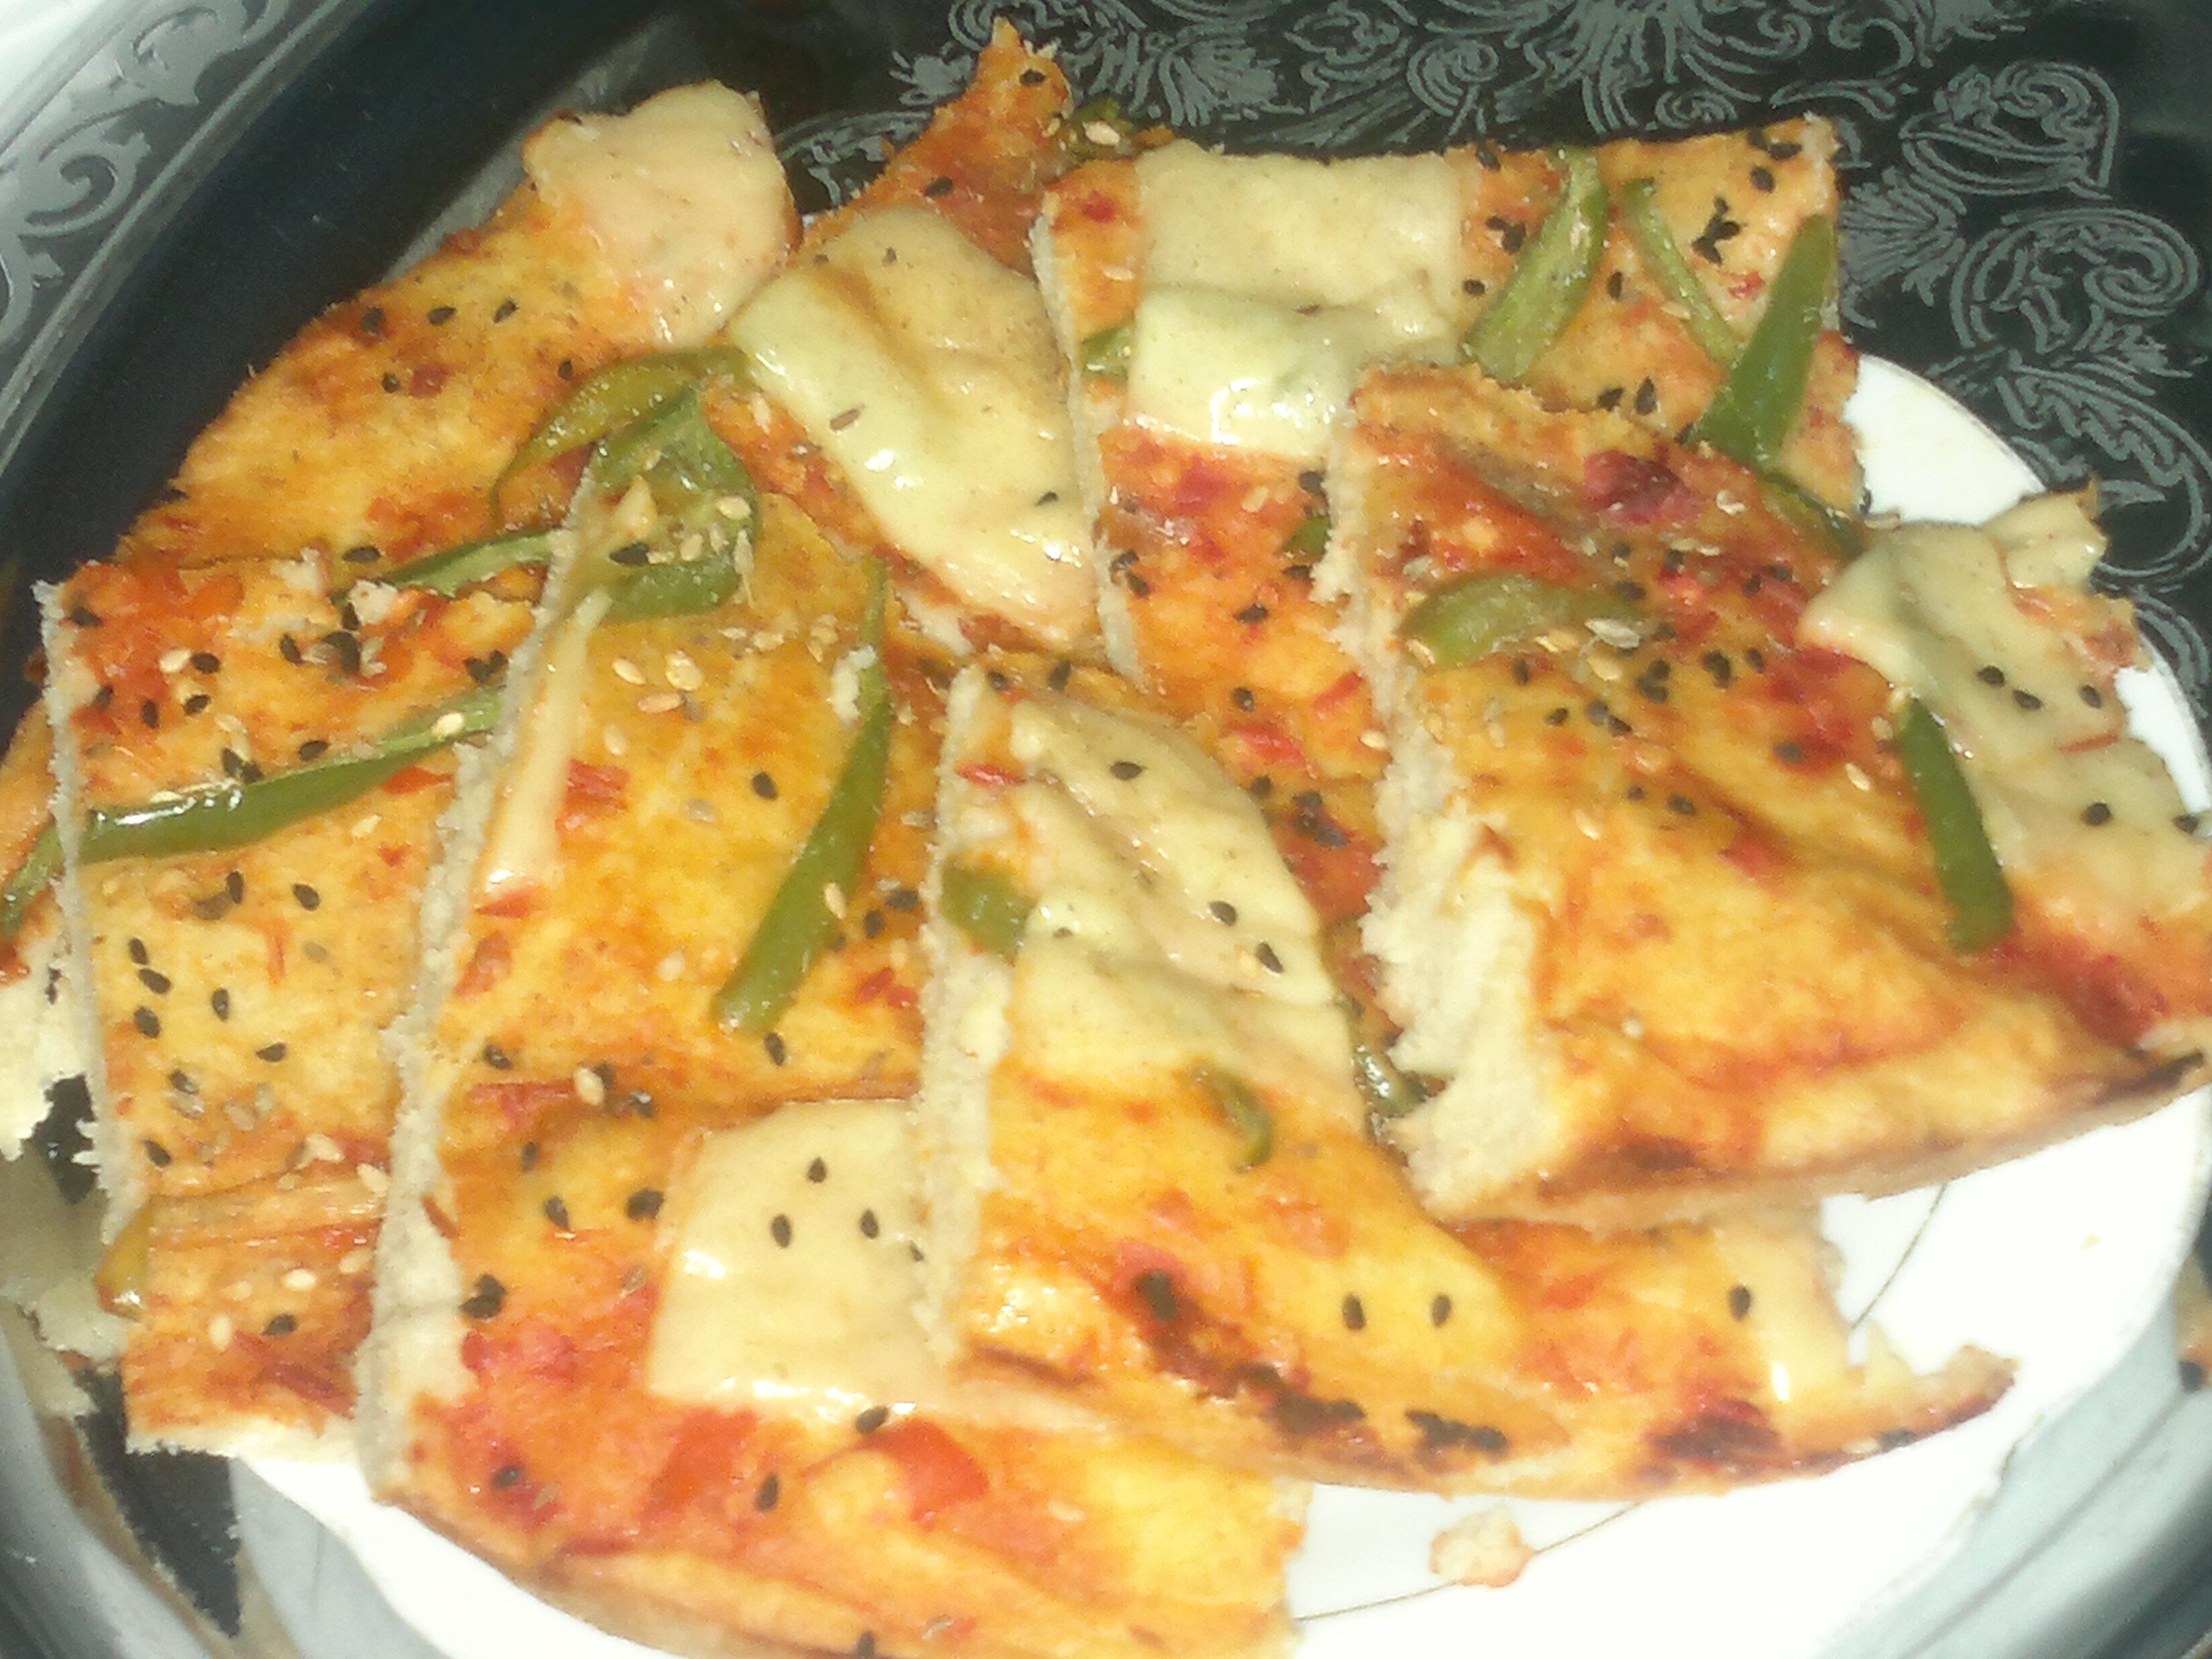 البيتزا بـأعشاب التخسيس 13887060953.jpg